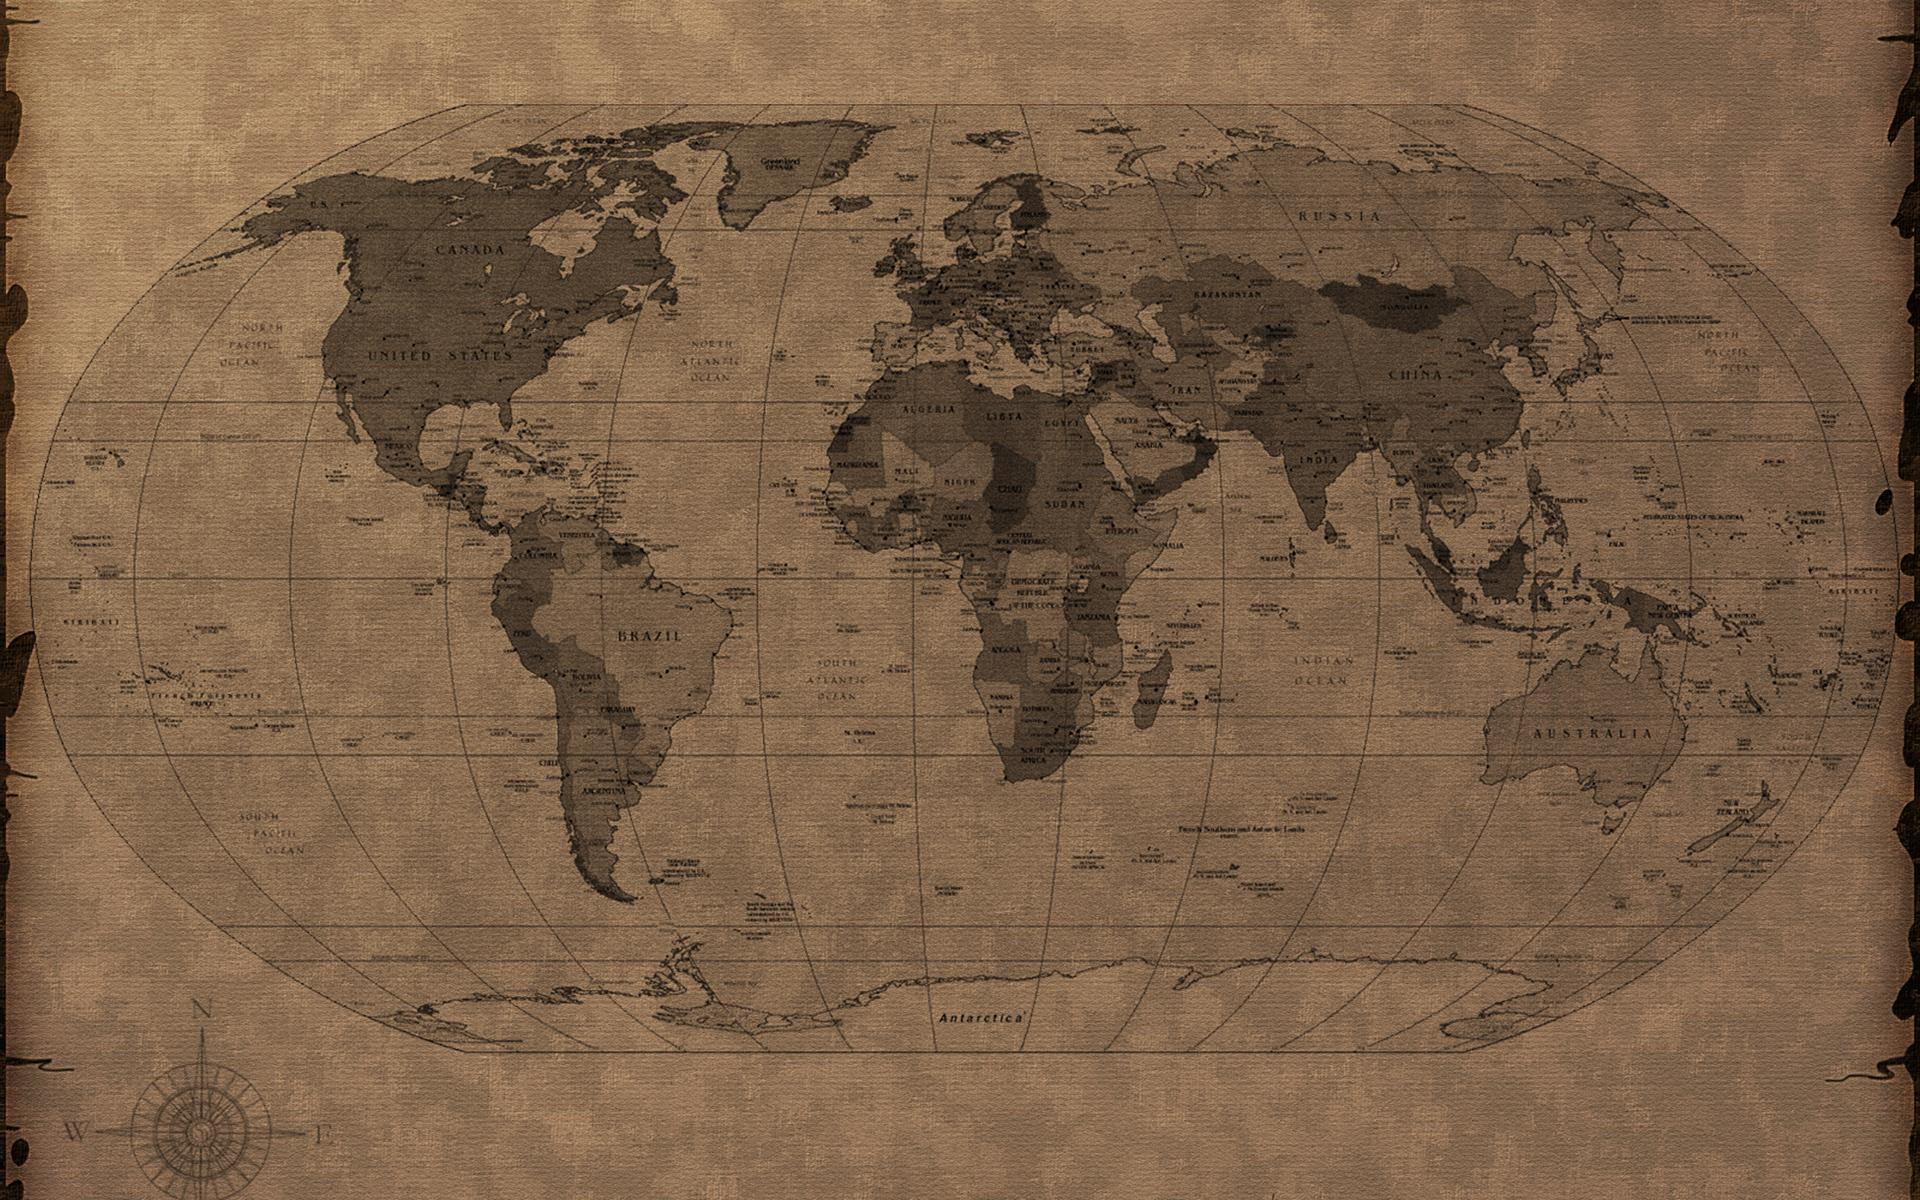 World map wallpaper 6244 1920x1200 px hdwallsource world map wallpaper 6244 gumiabroncs Choice Image